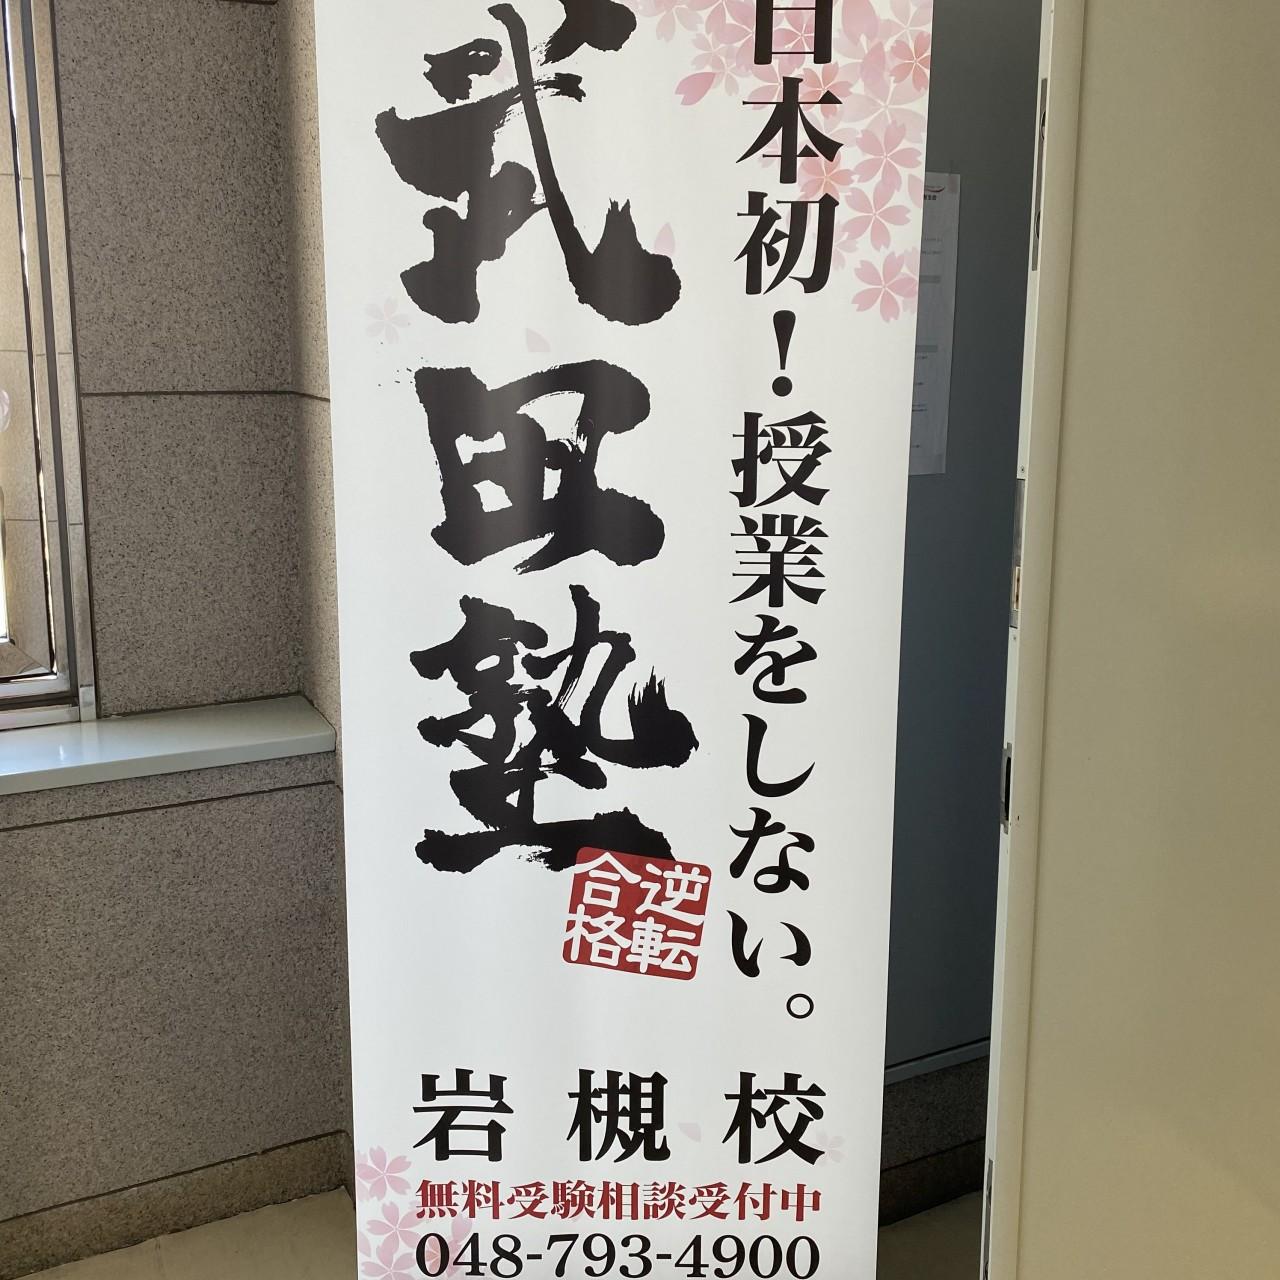 武田塾ロールアップバナー